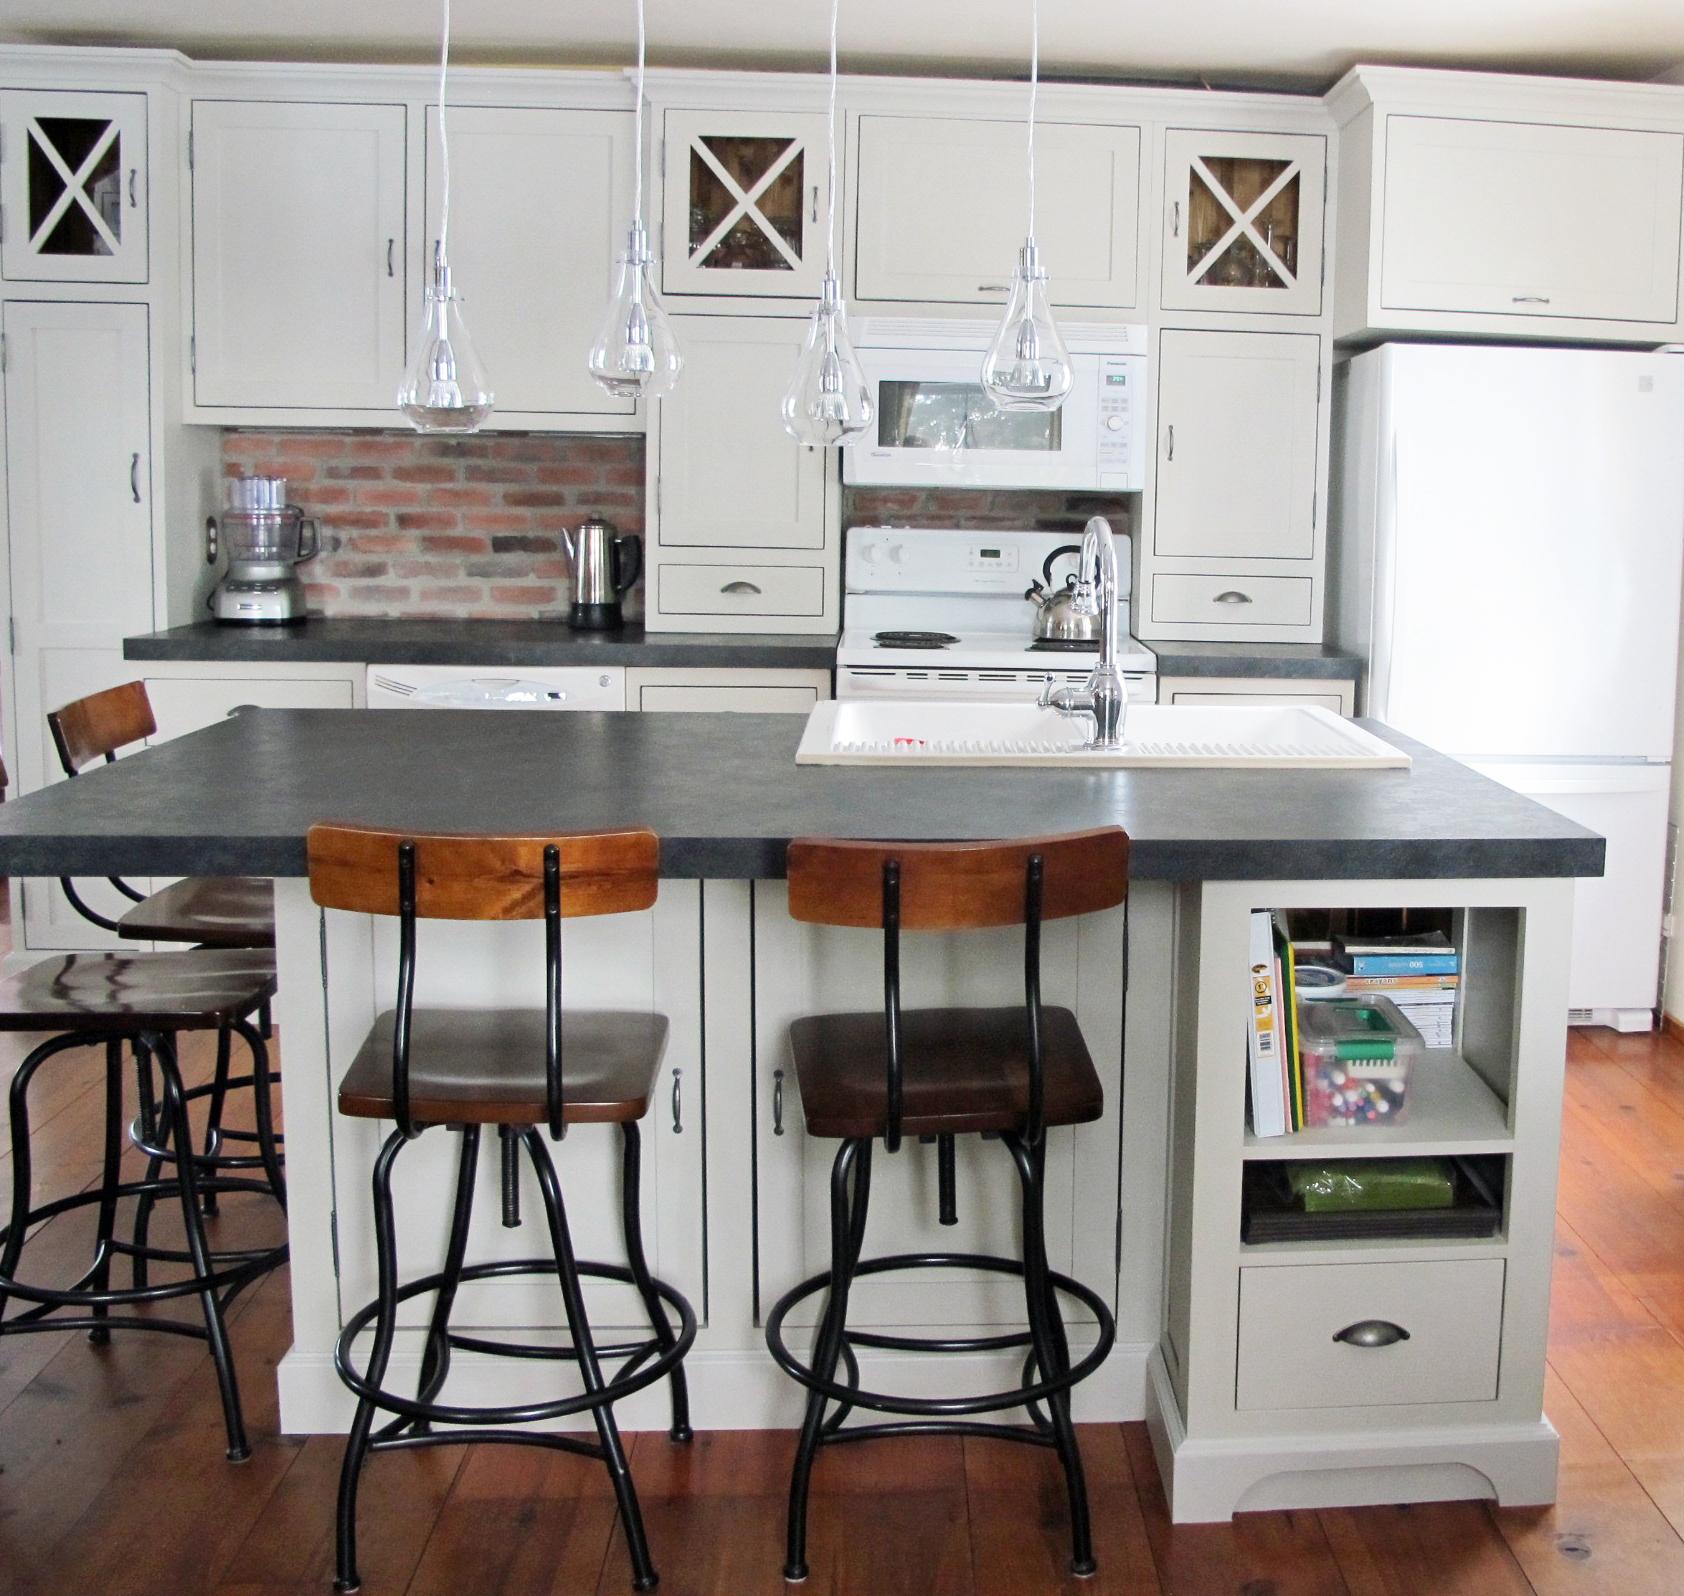 restauration r paration de meubles et d 39 armoires de. Black Bedroom Furniture Sets. Home Design Ideas